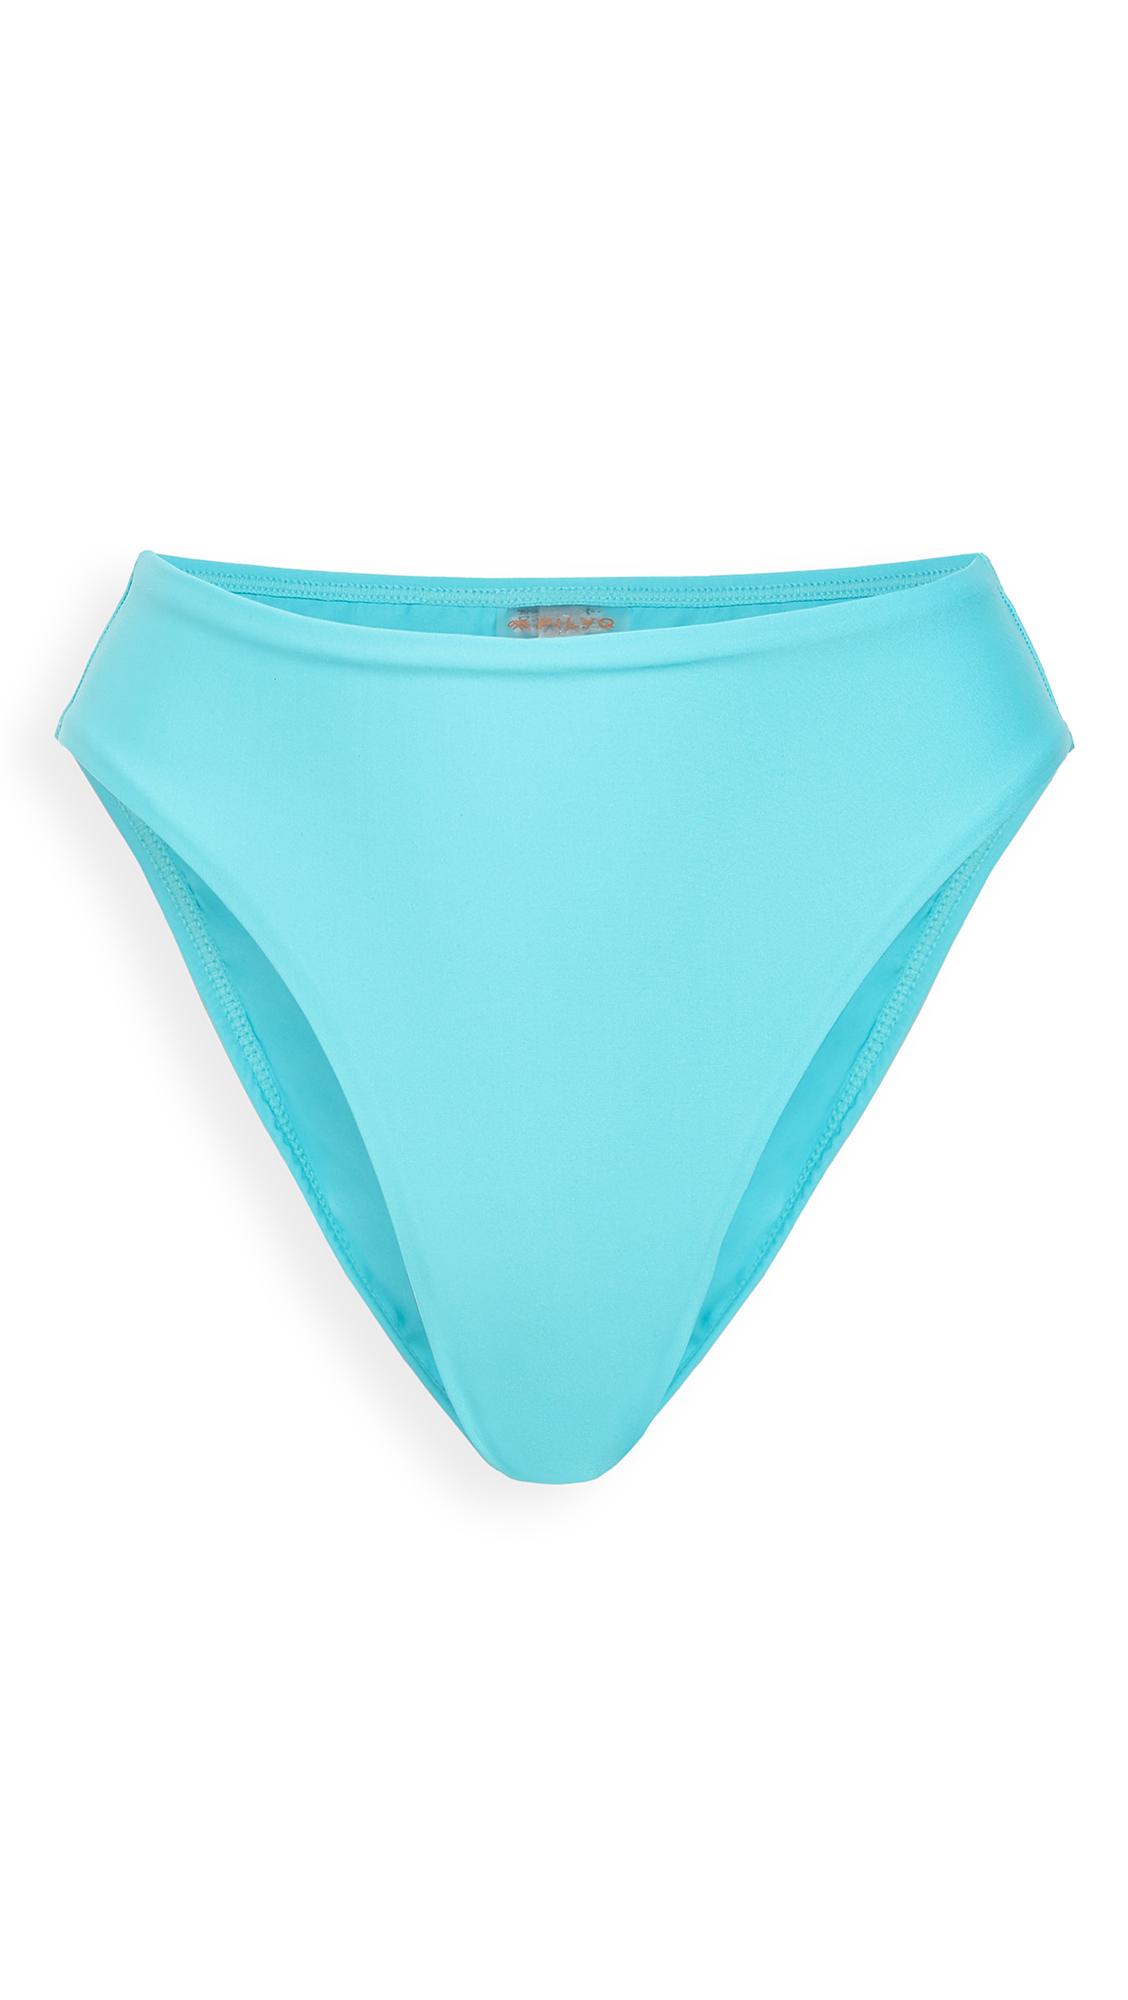 PQ Swim Hilary High Waist Full Bottoms